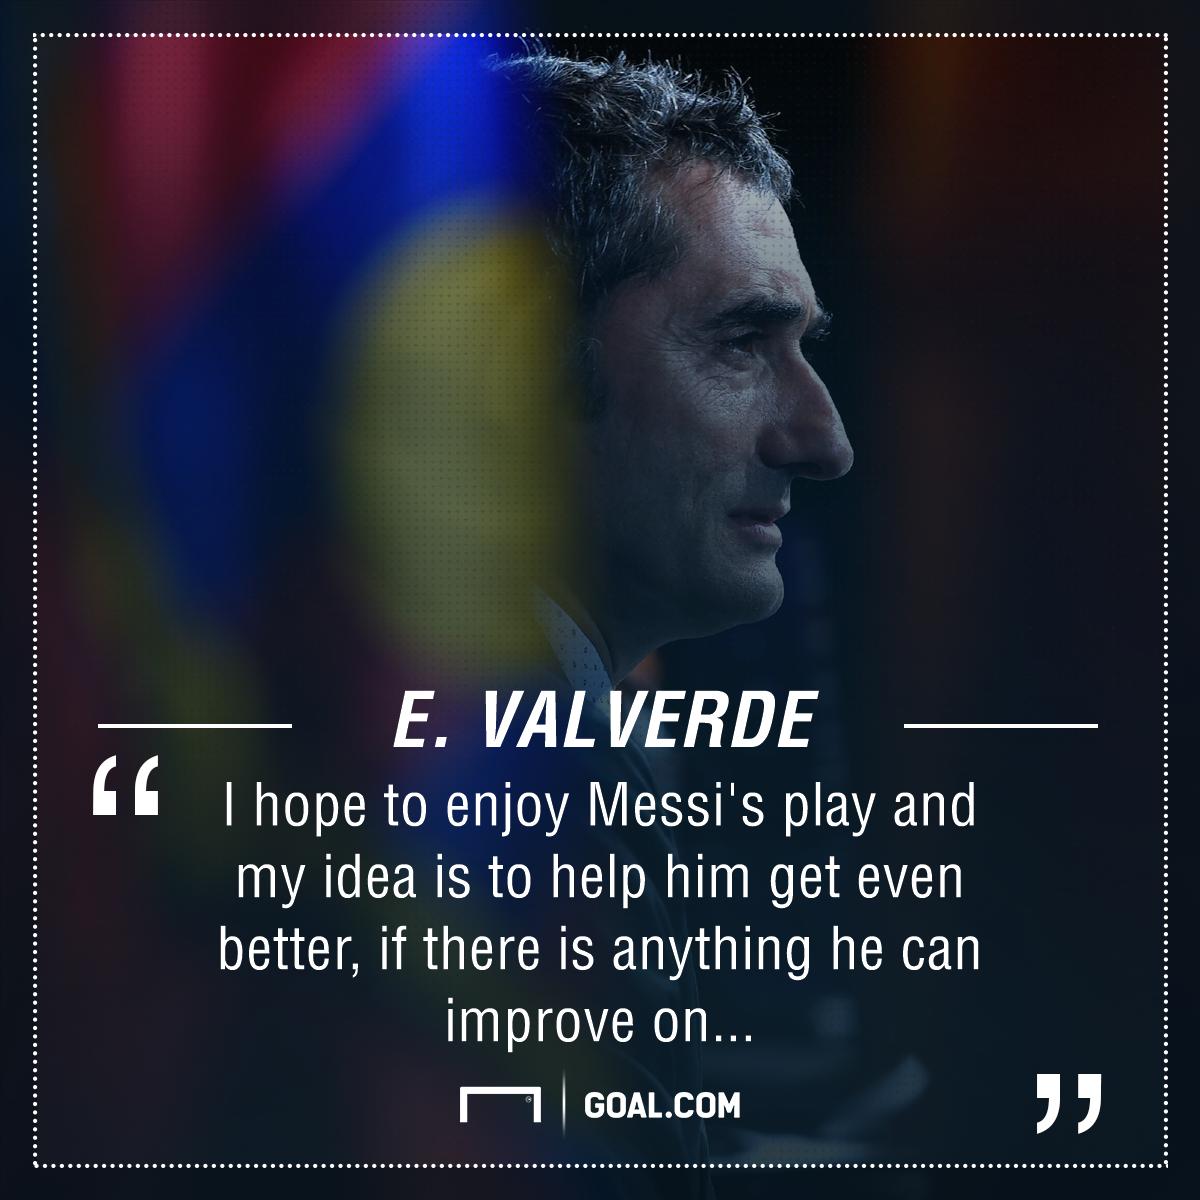 Valverde quote graphic